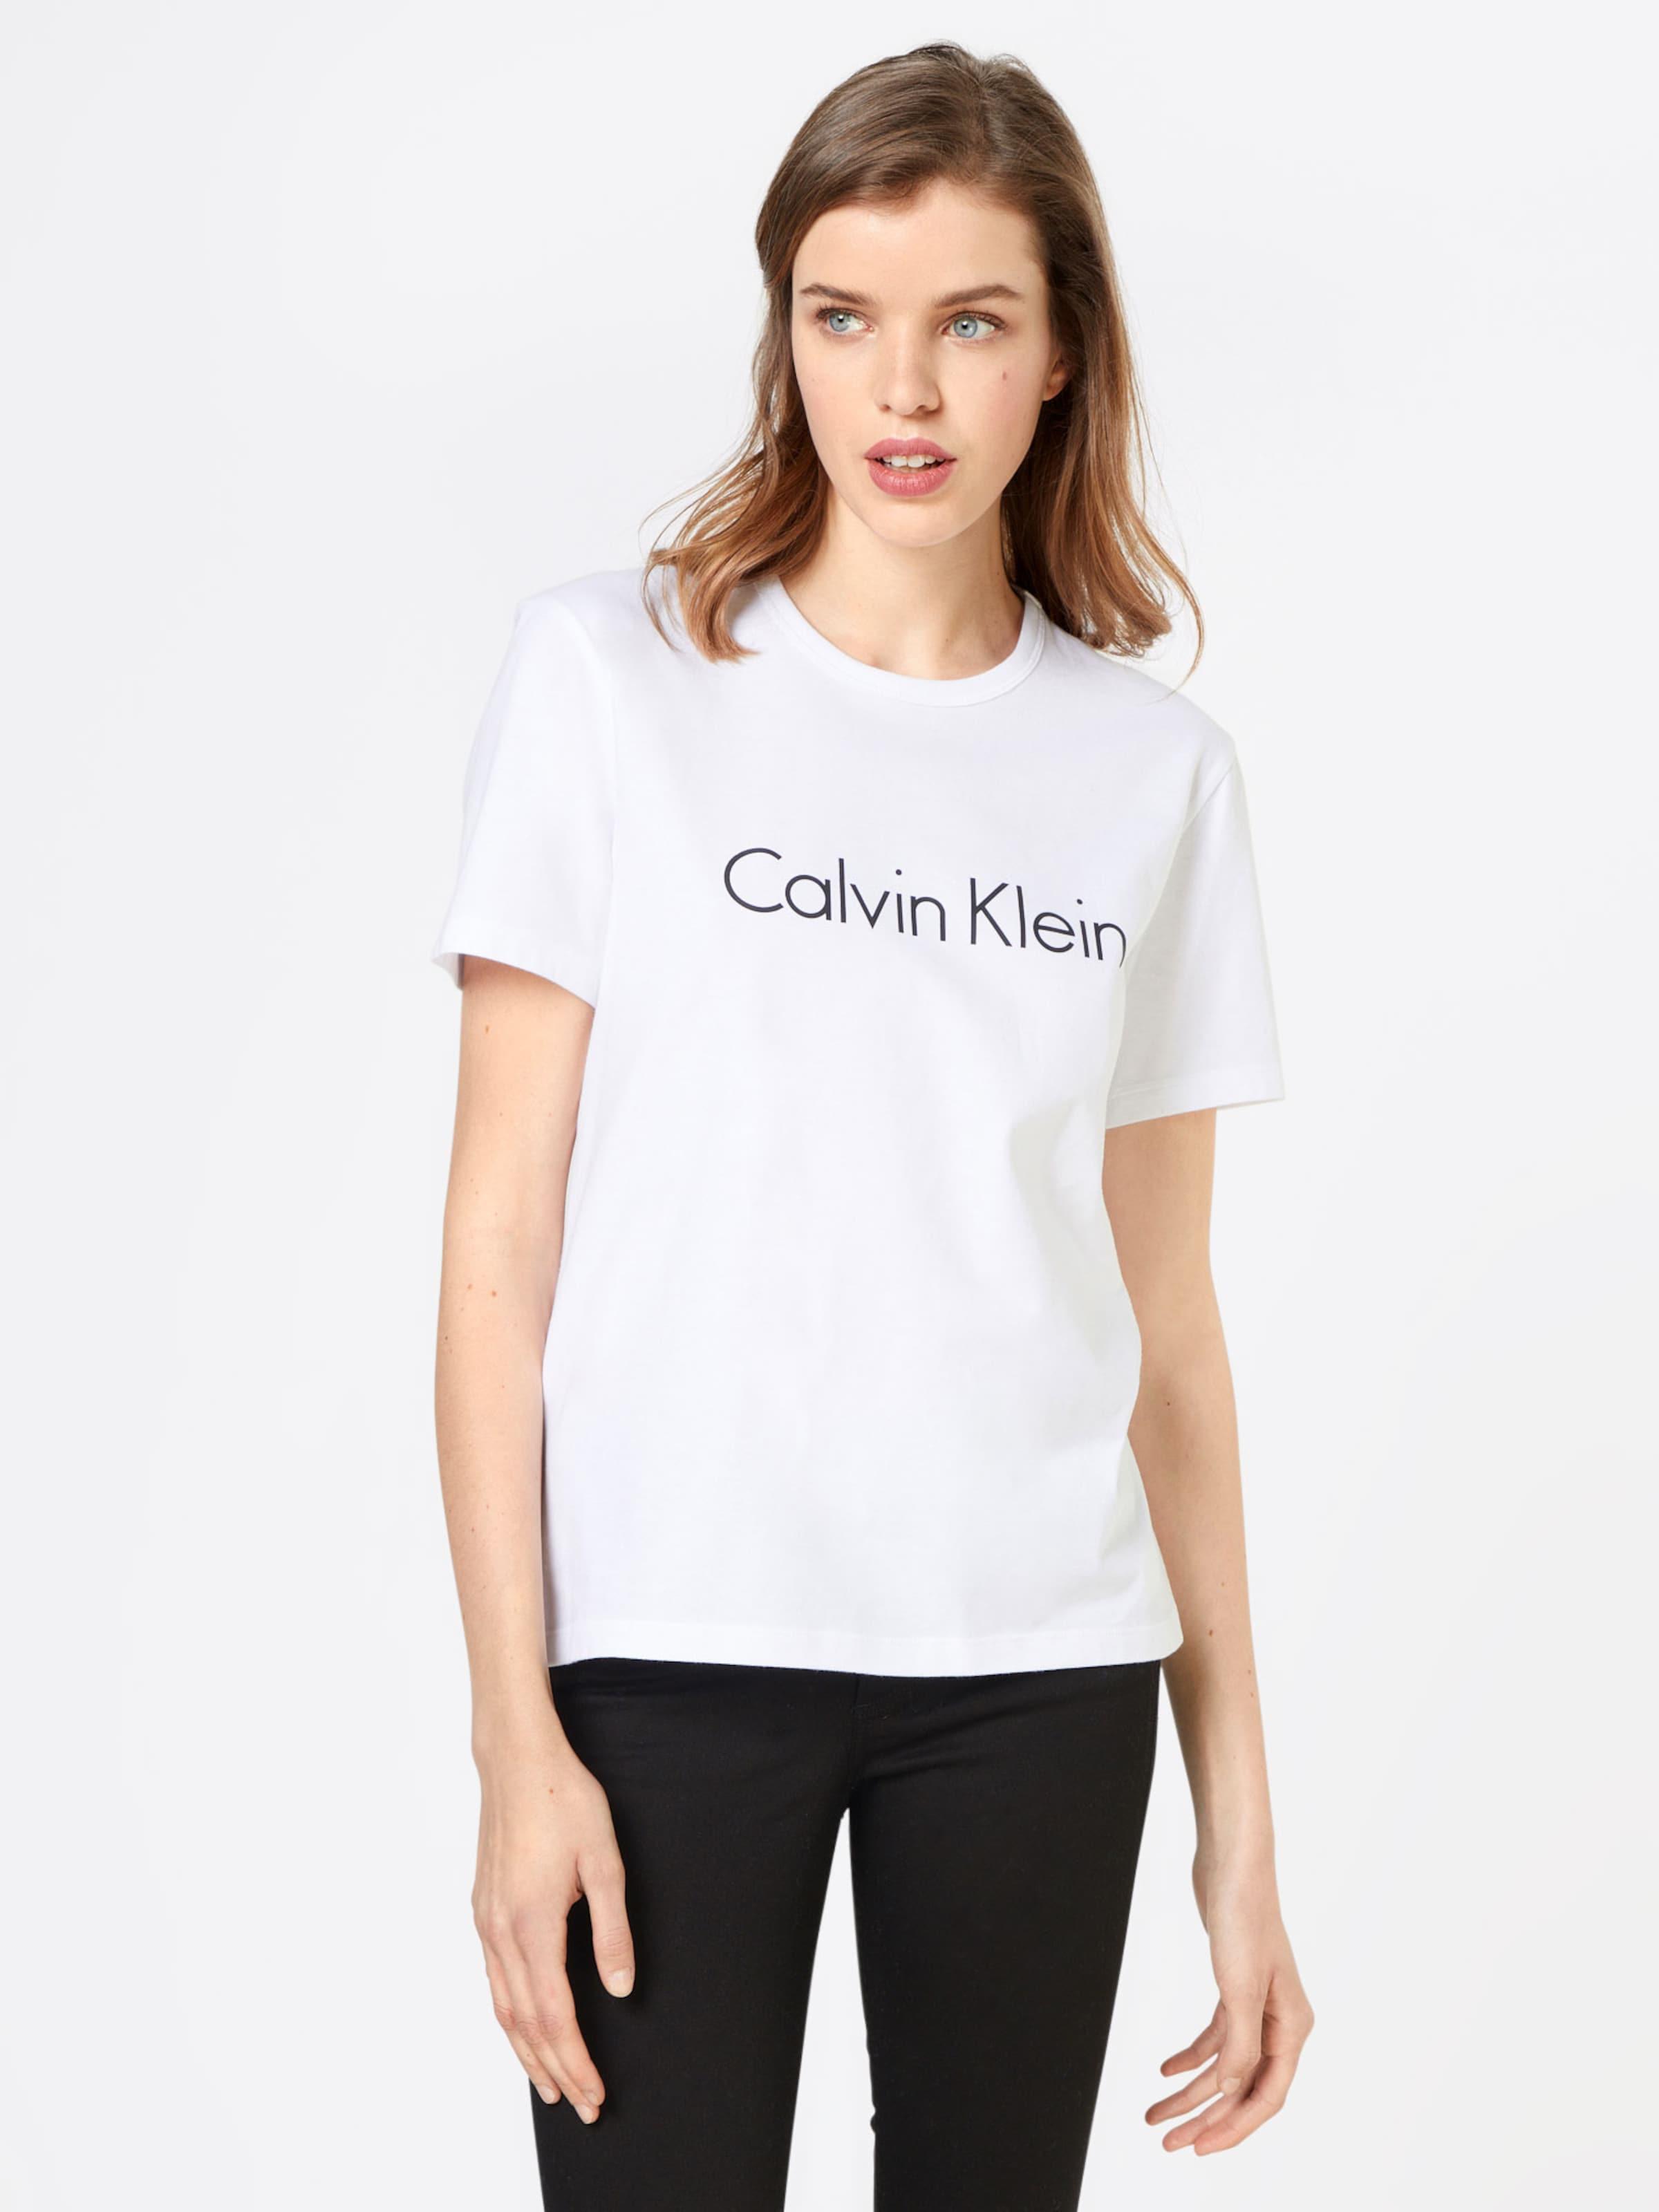 SchwarzWeiß Klein Shirt 'crew' Calvin In Underwear eHIbEDW29Y